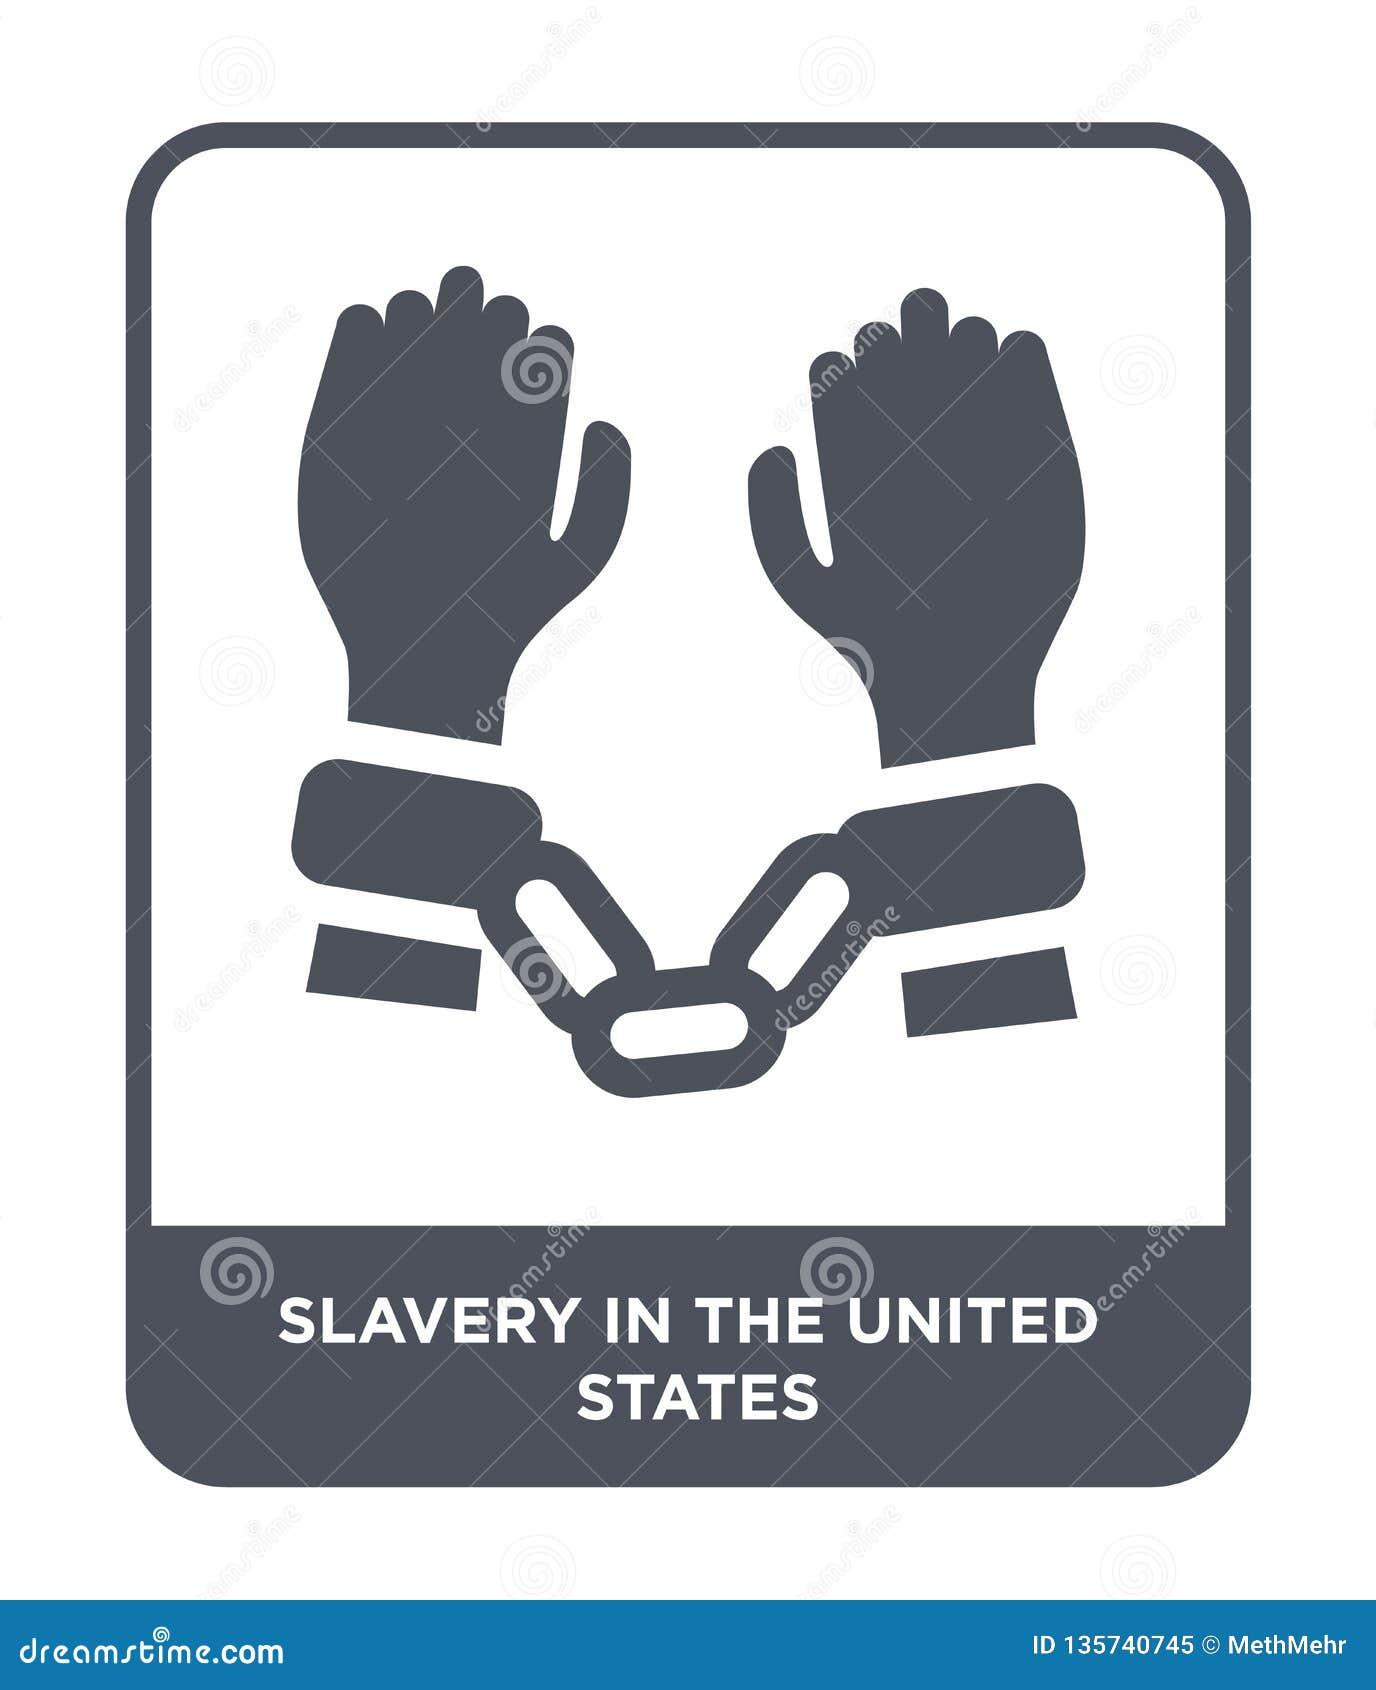 σκλαβιά Ηνωμένο εικονίδιο στο καθιερώνον τη μόδα ύφος σχεδίου σκλαβιά στο Ηνωμένο εικονίδιο απομονώνω στο άσπρο υπόβαθρο σκλαβιά